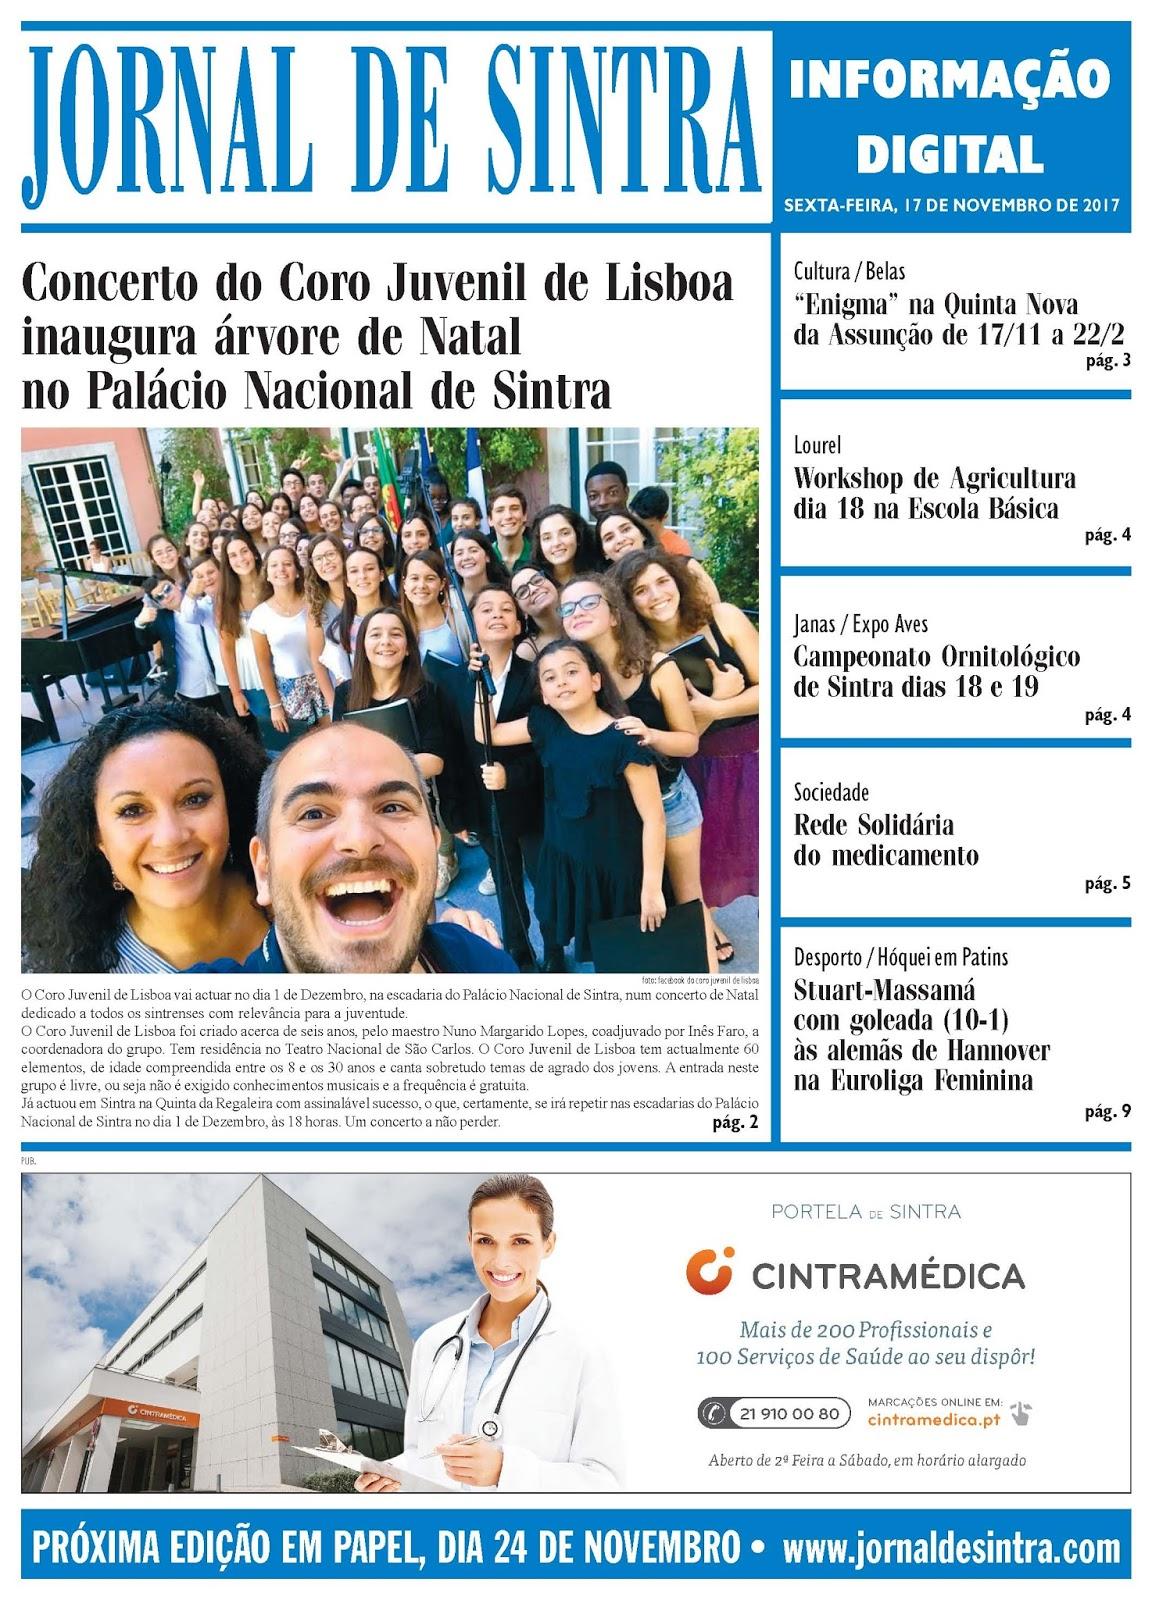 Capa da edição de 17-11-2017